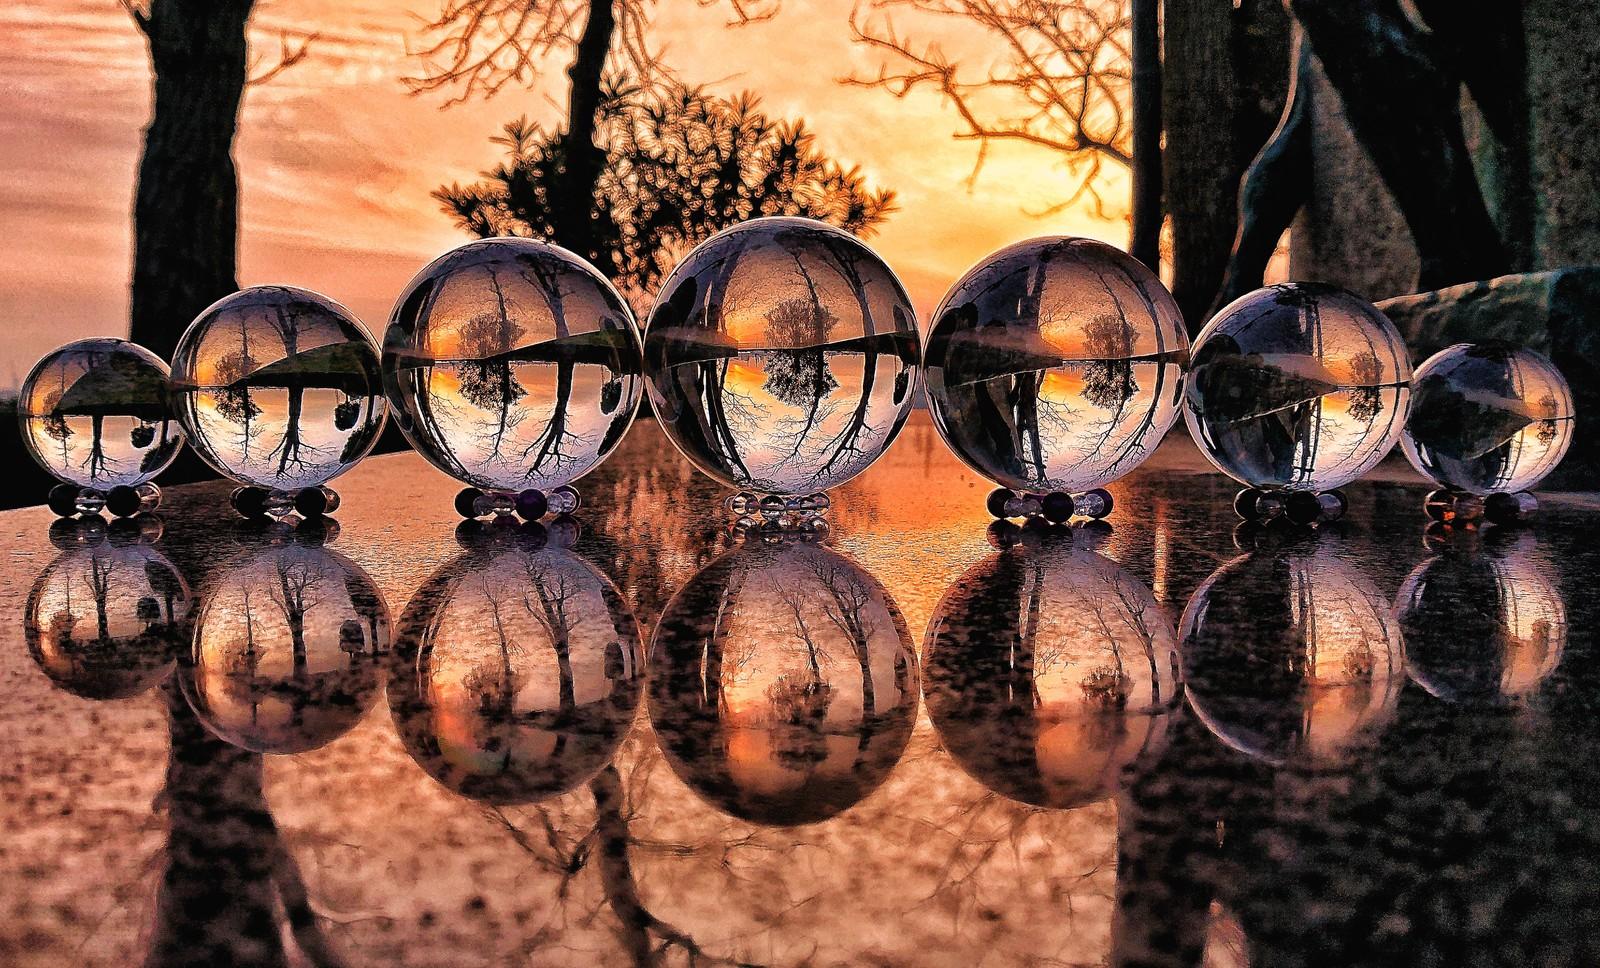 占いに使う水晶が7個が夕焼けに照らされている画像